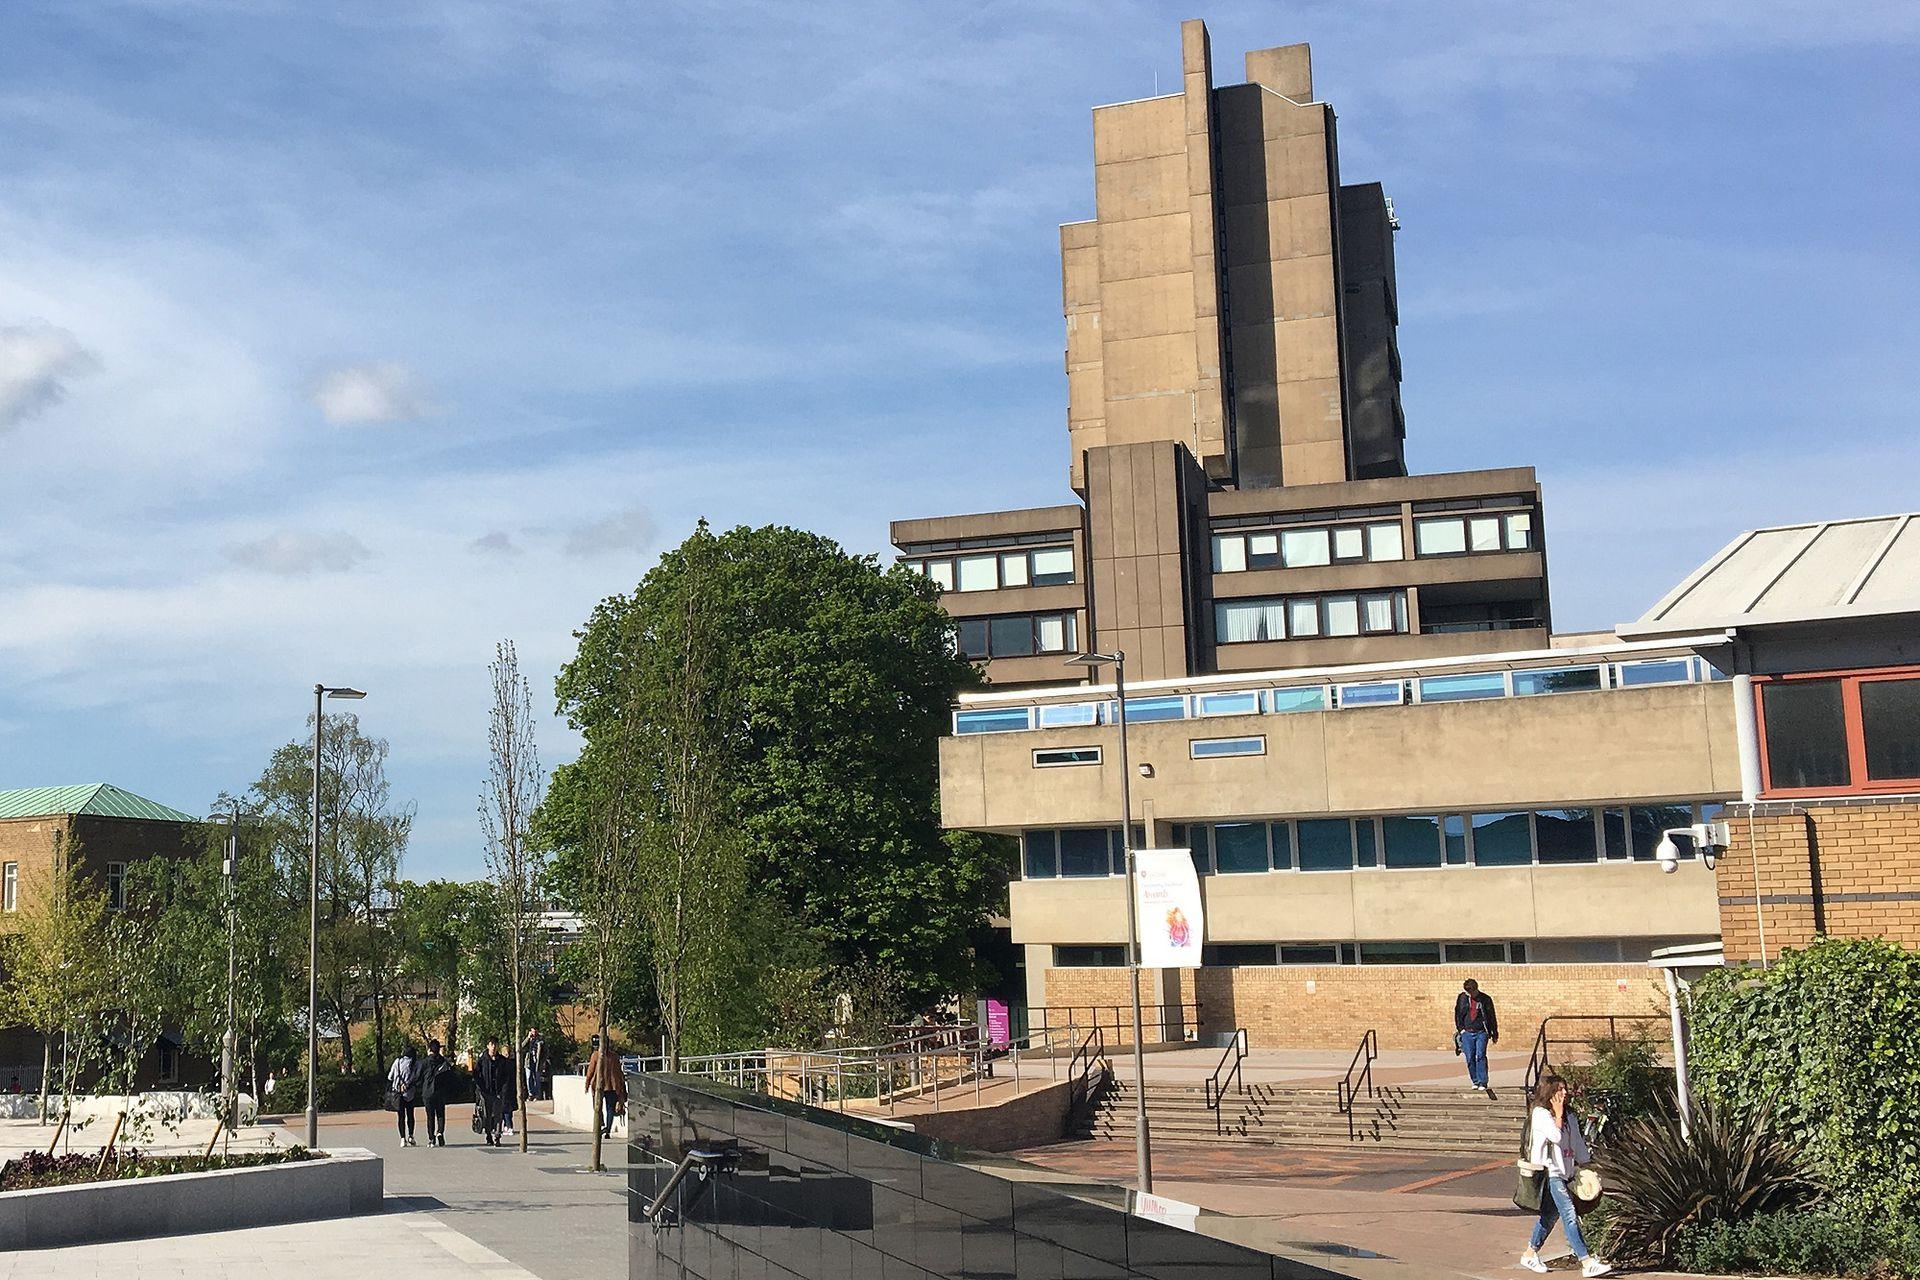 Escuela de Ingeniería de Leicester, de James Stirling